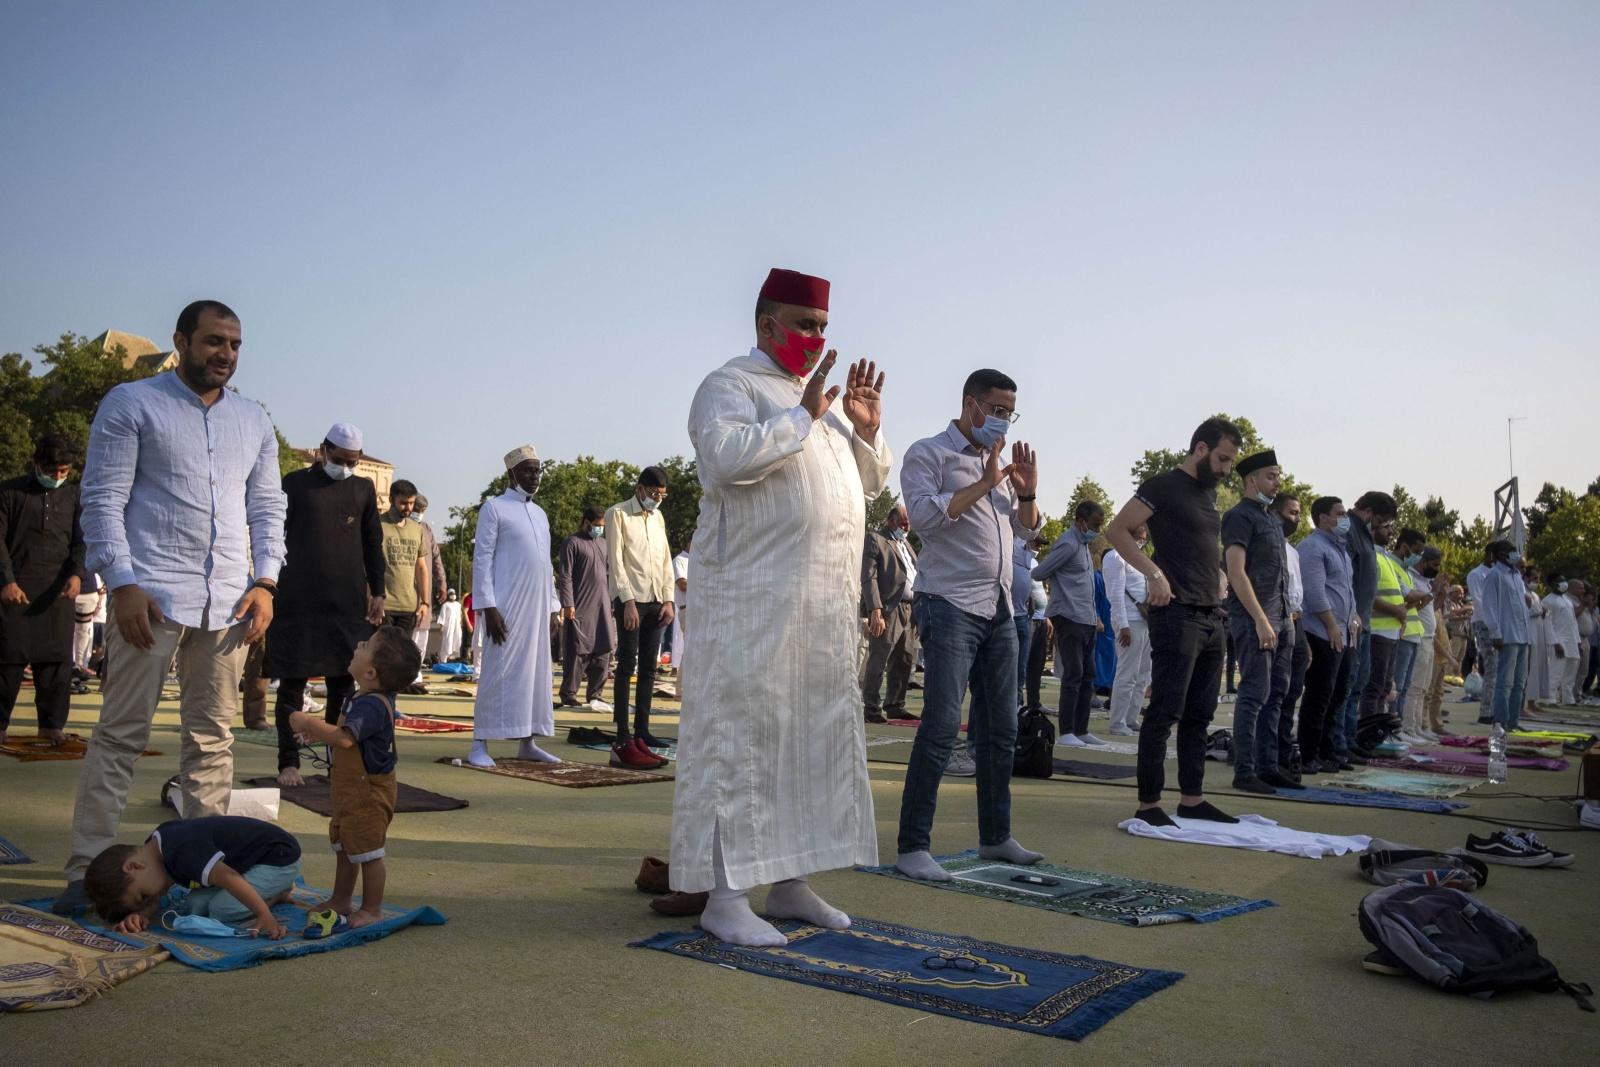 """La festa del Sacrificio: """"Eid al-Adha"""", al parco del Valentino di Torino in osservanza al decreto di distanziamento per la pandemia Covid19"""